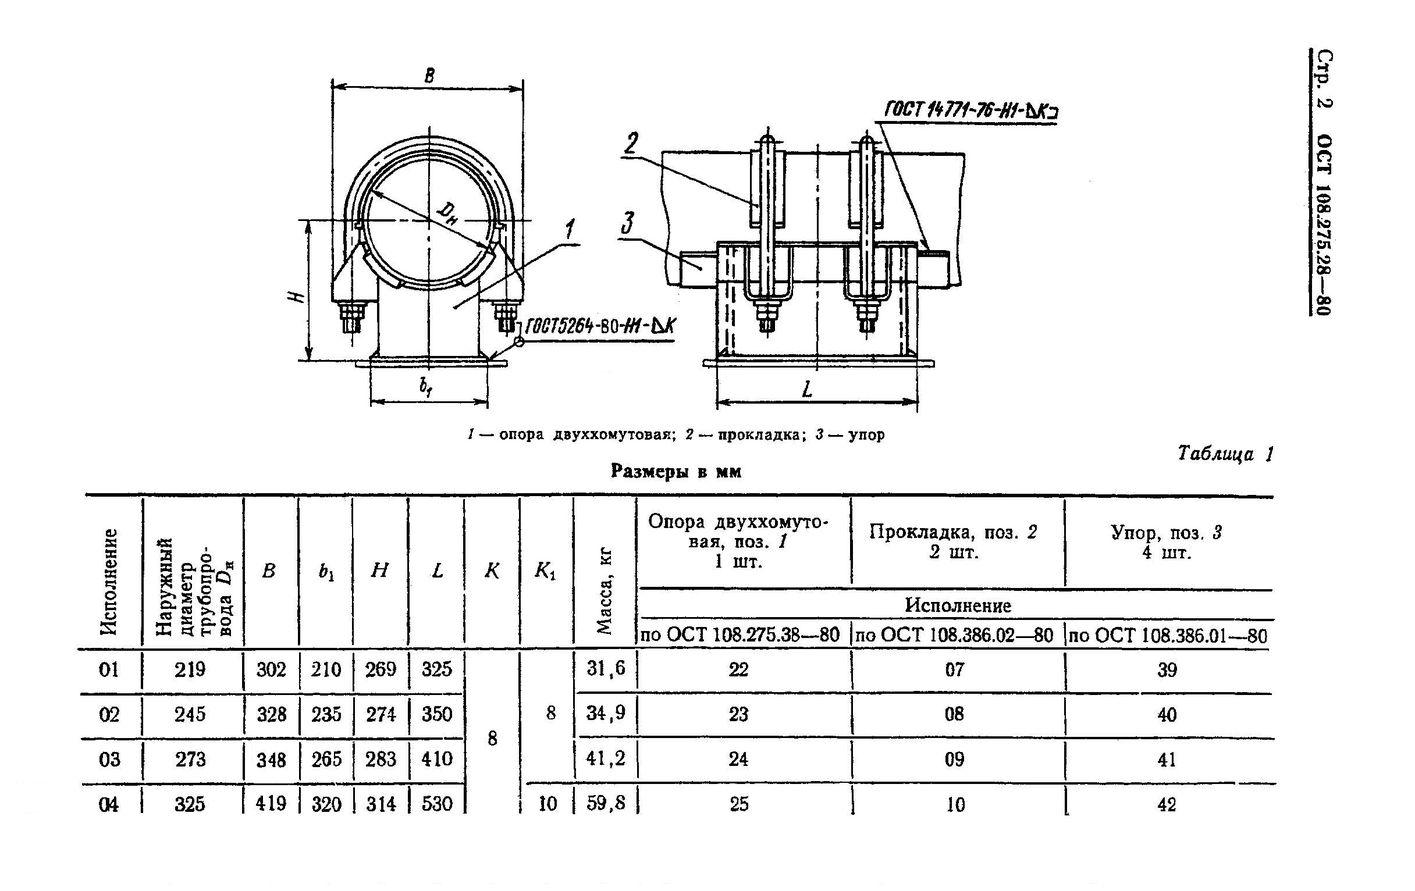 Опоры неподвижные двуххомутовые ОСТ 108.275.28-80 стр.2